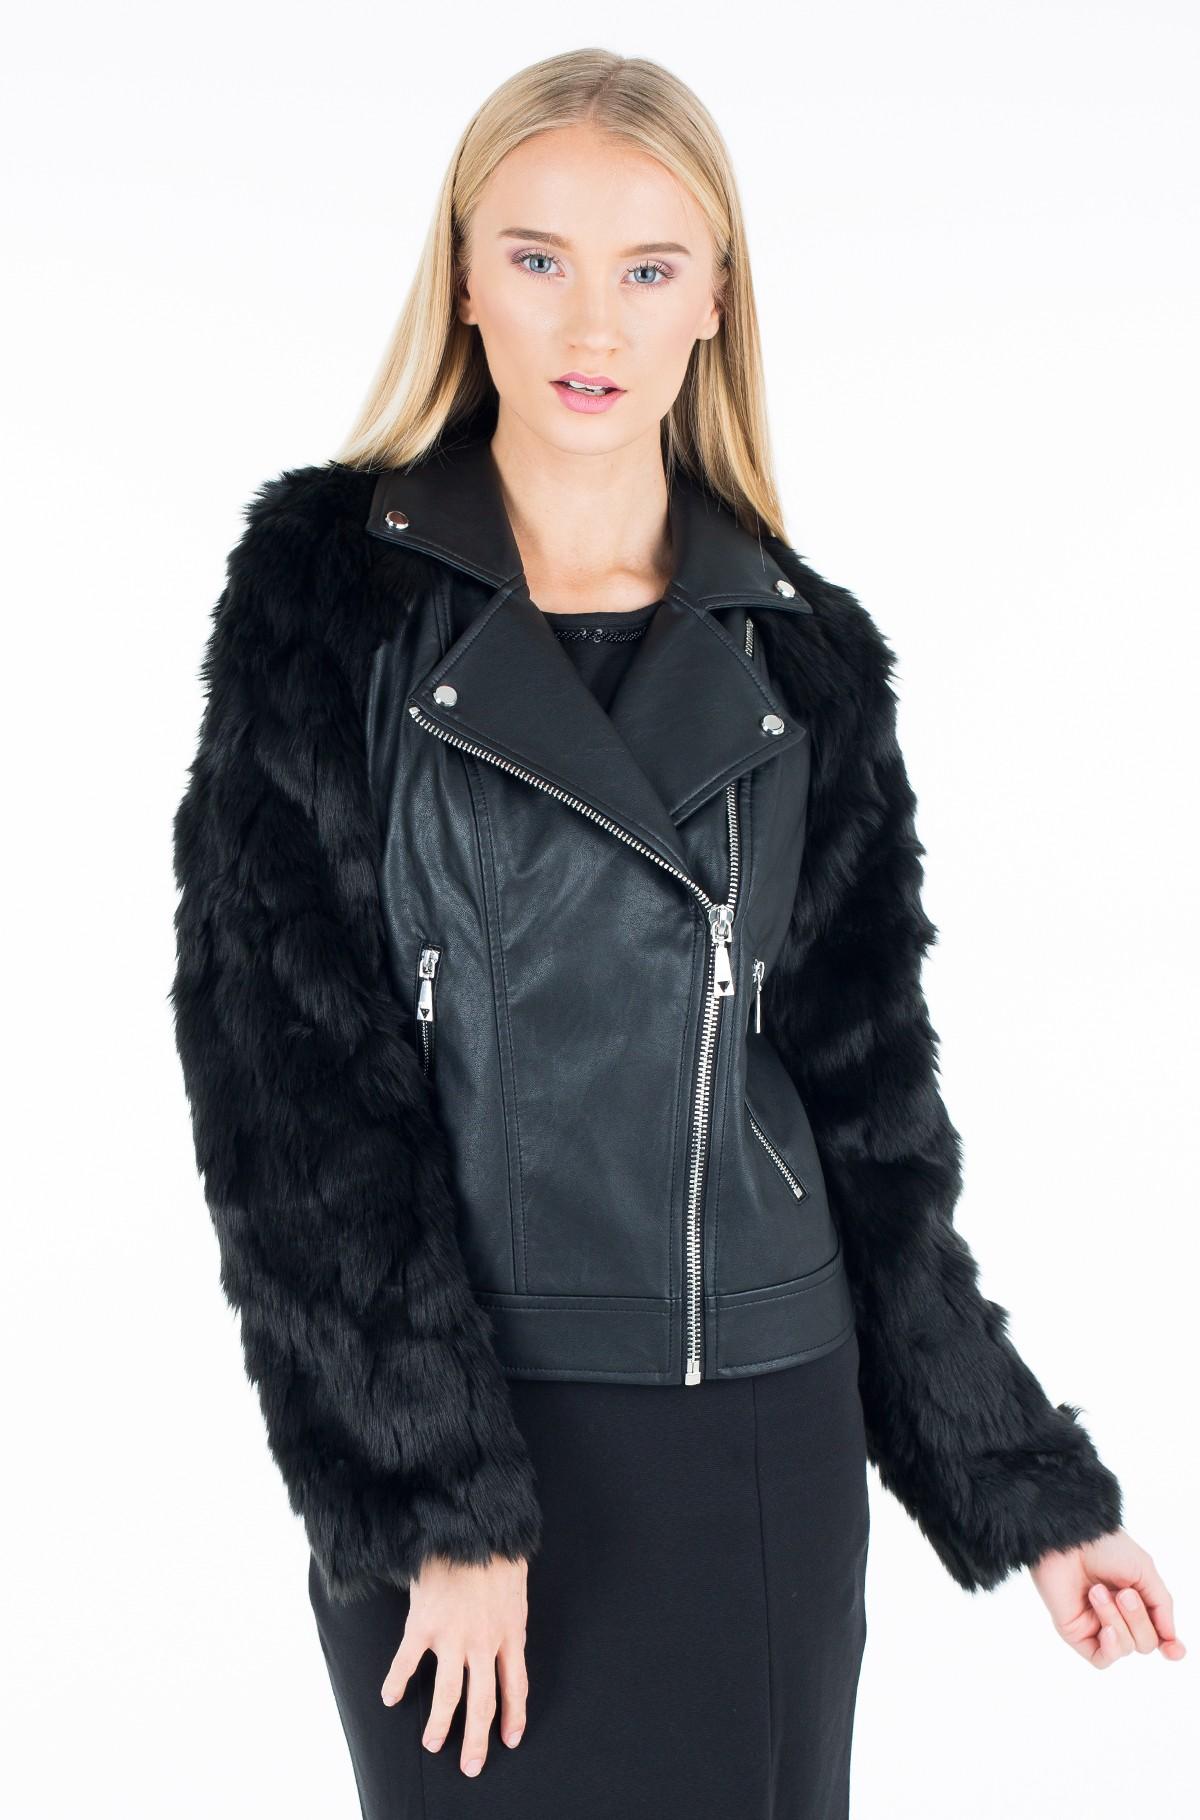 Leather jacket W74L10 R72Y1-full-1